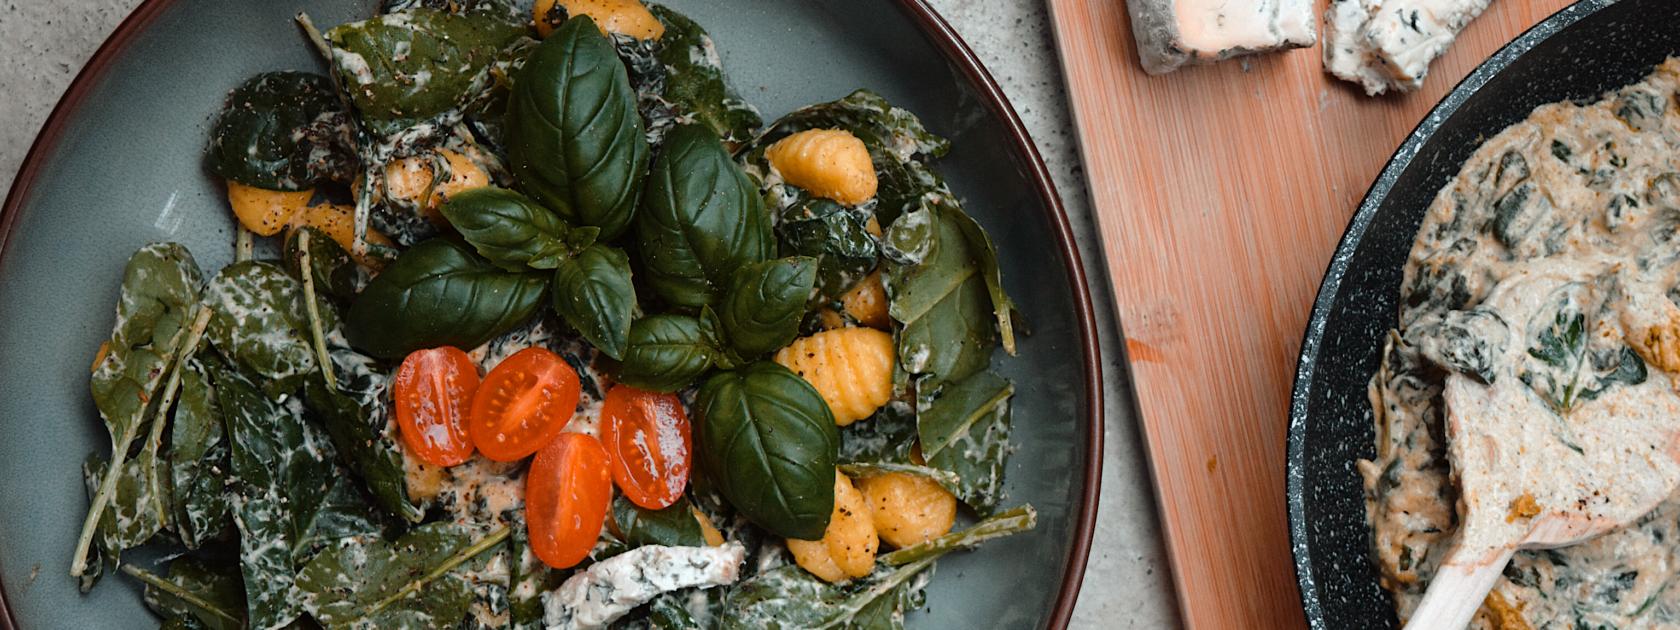 Ken jij de Rotterdamse Marjolein van @veggiereceptjes al? Op haar Instagram deelt zij héérlijke vegetarische gerechten, die er ook nog eens goed uitzien. Om ervoor te zorgen koken een feestje wordt (en blijft), delen we hieronder twee van haar gerechten die ideaal zijn voor het diner.